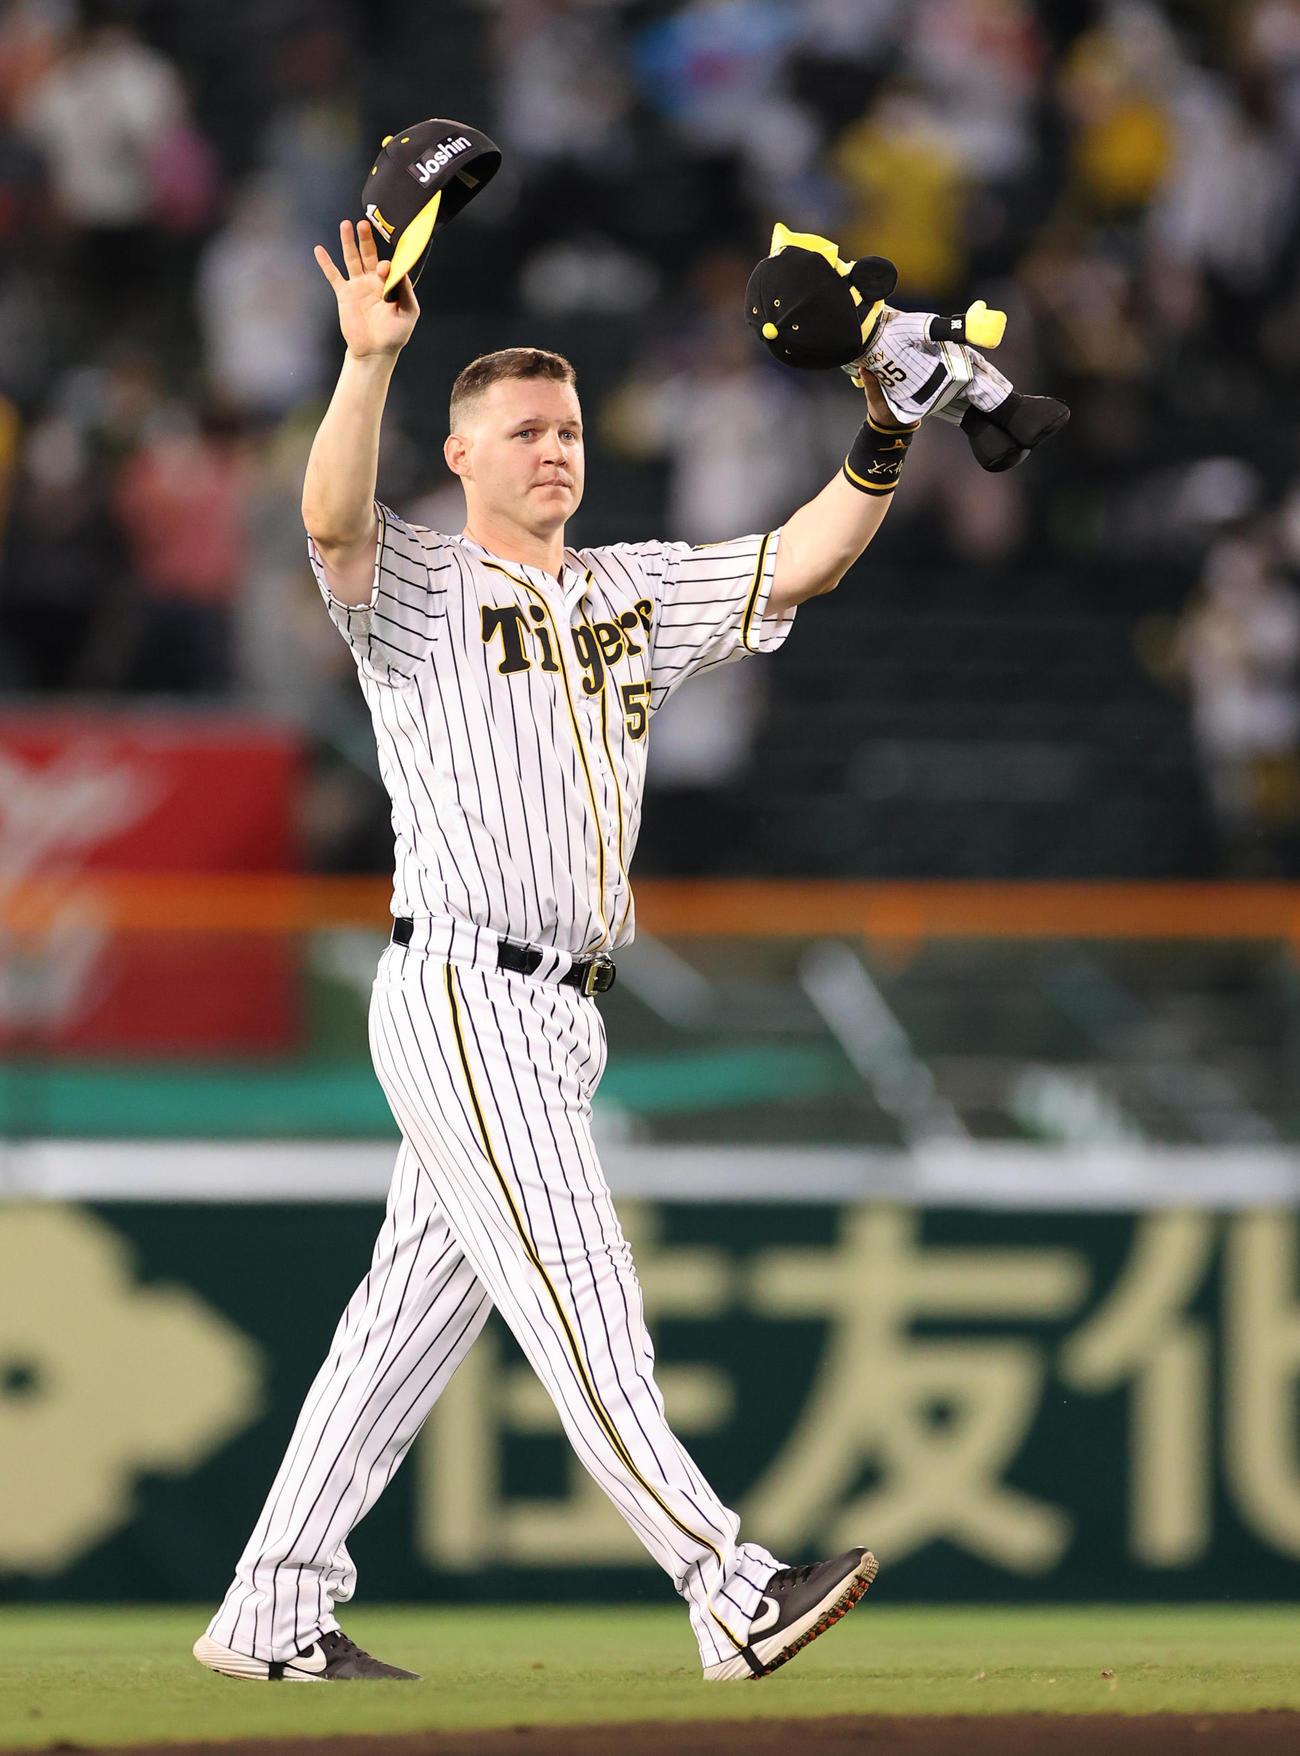 阪神対中日 ファンに手を振るサンズ(撮影・清水貴仁)